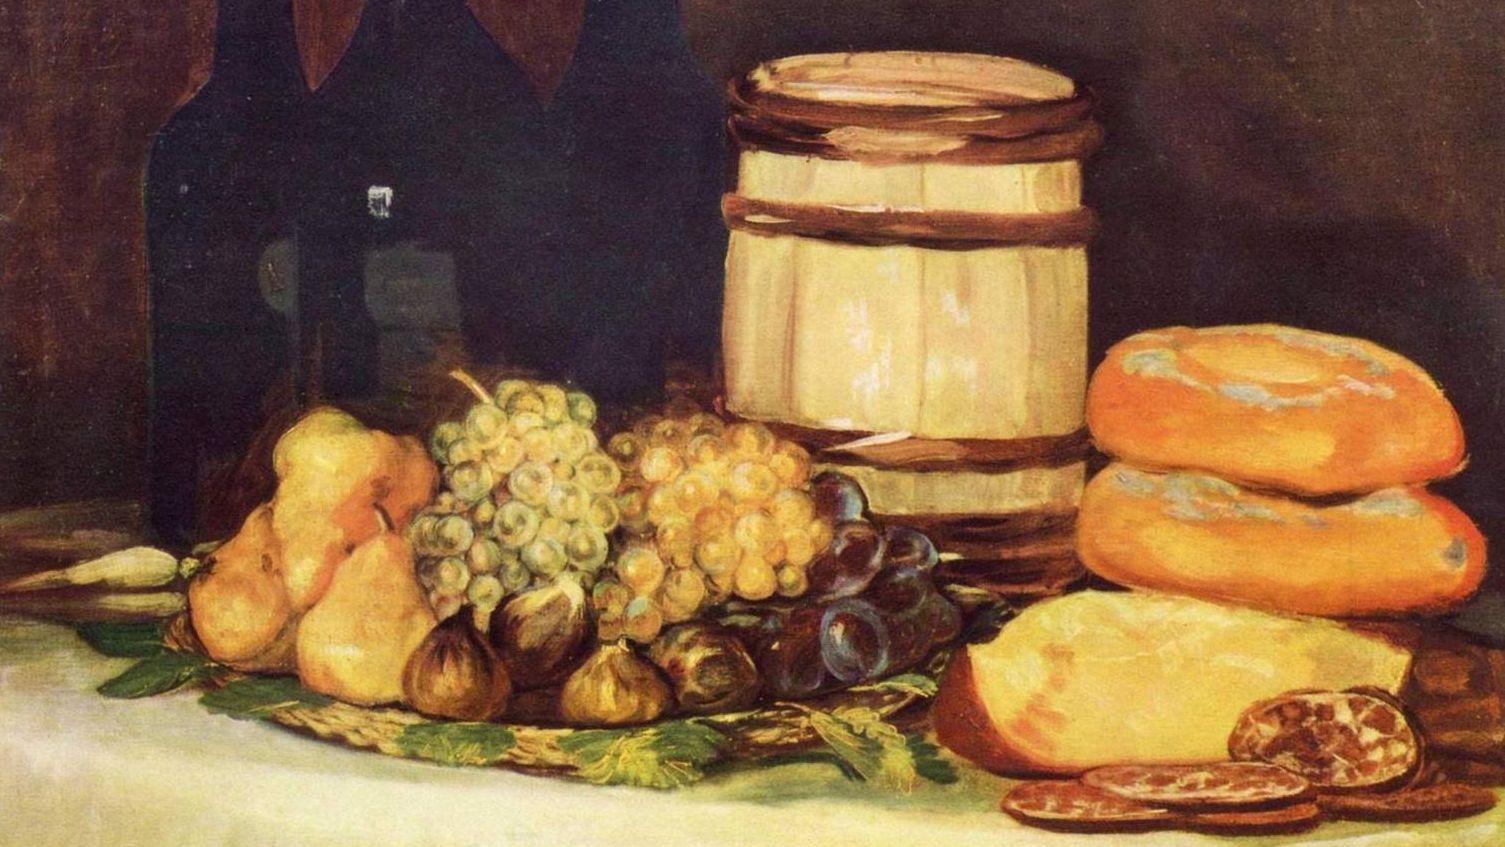 Натюрморт с фруктами, бутылками, хлебом